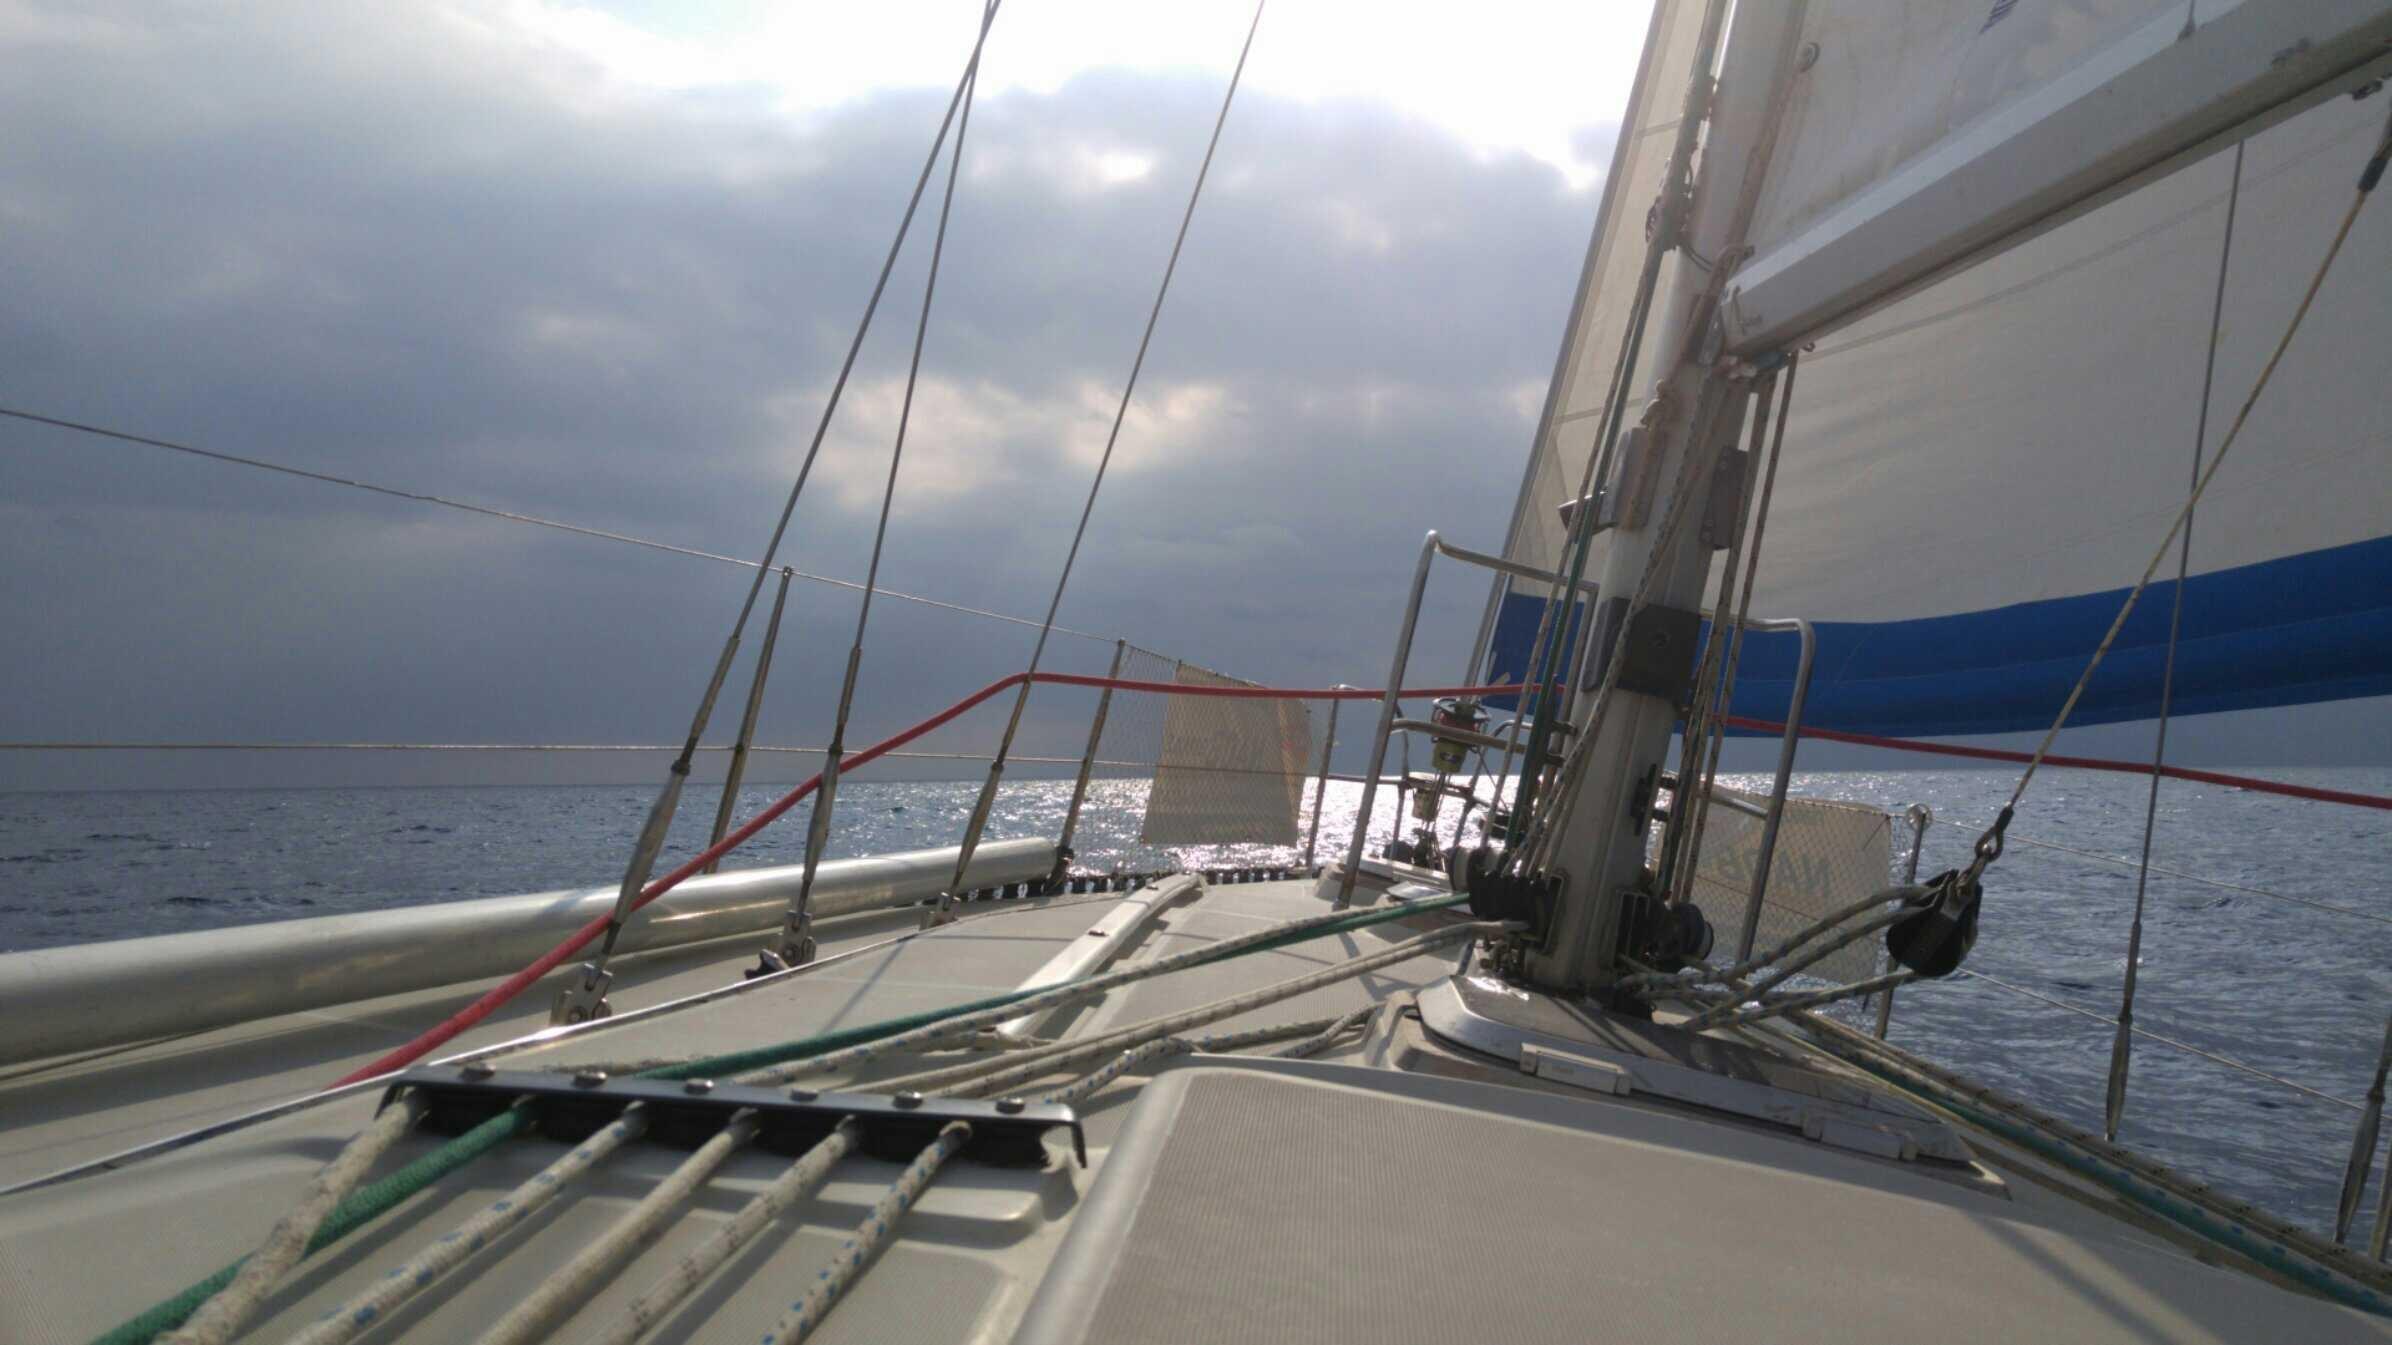 1480159587808 - Ναυτικός Αθλητικός Όμιλος Βούλας - Τμήμα Ιστιοπλοΐας Ανοιχτής Θαλάσσης